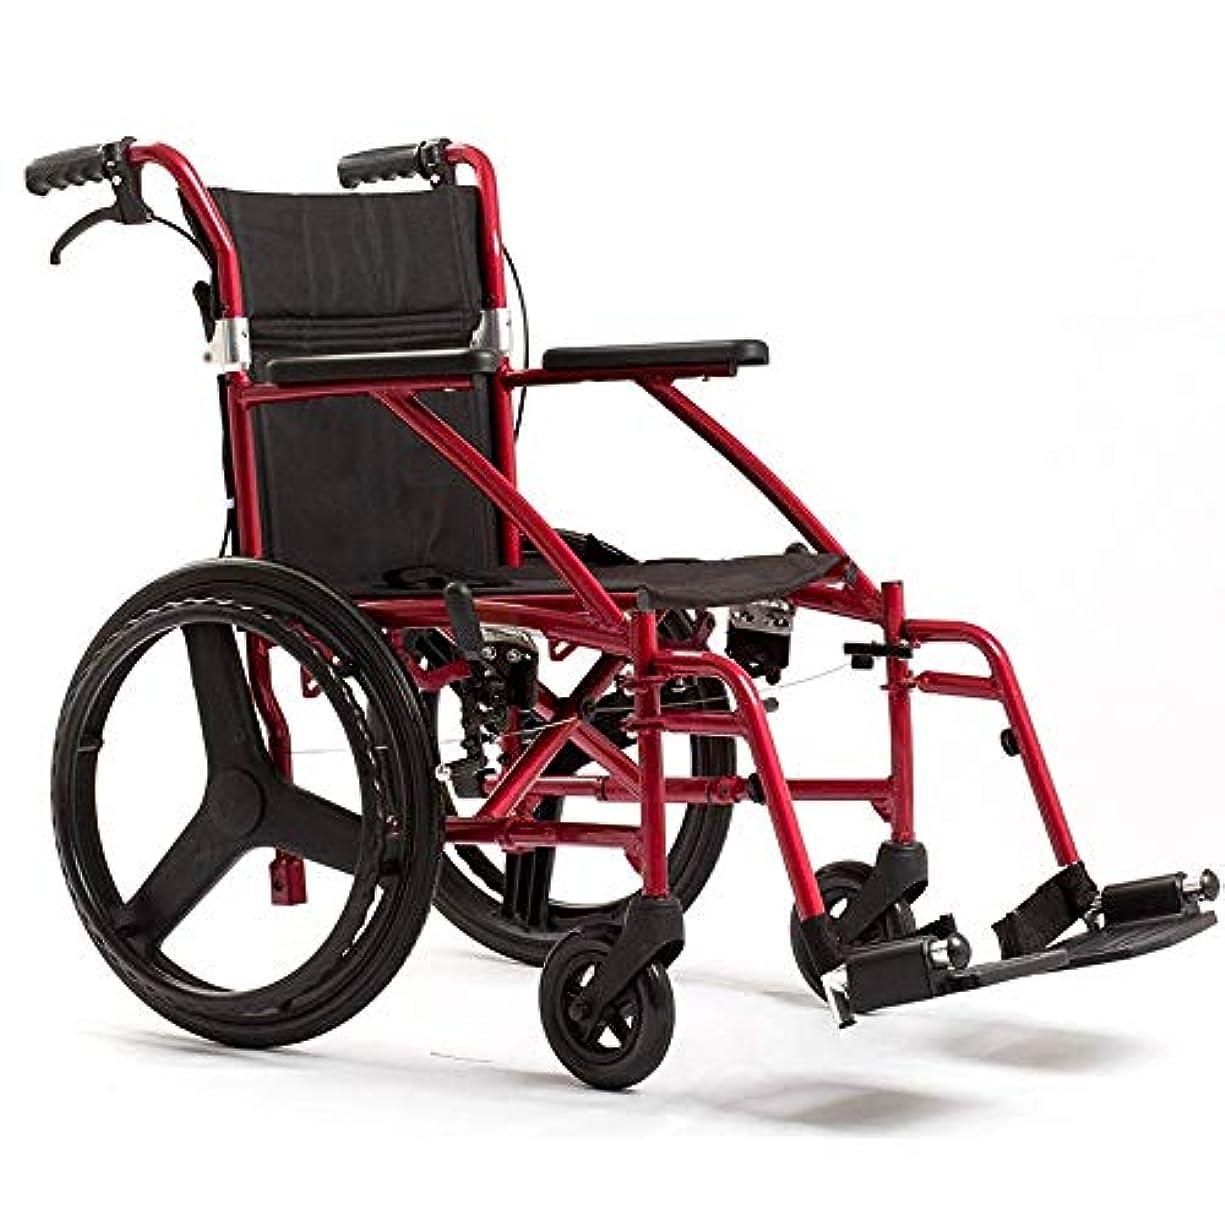 リル料理ギャラントリー人間工学に基づいた超軽量手動車いす、フット休符と旅行交通チェア - 高齢者、障害者のための適切な